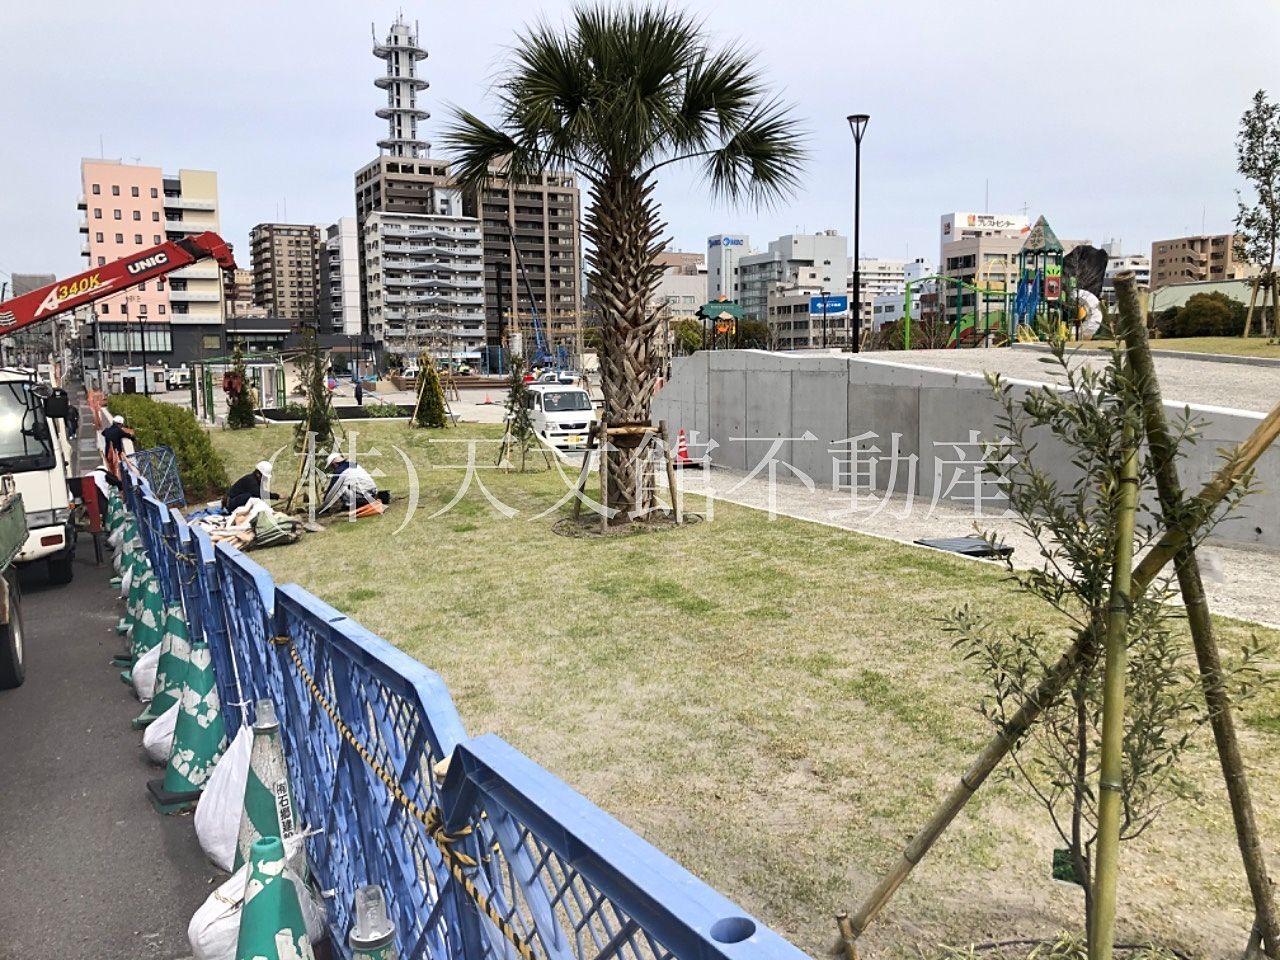 鹿児島市加治屋町の加治屋まちの杜公園の南側には芝生や木が植えられていました。